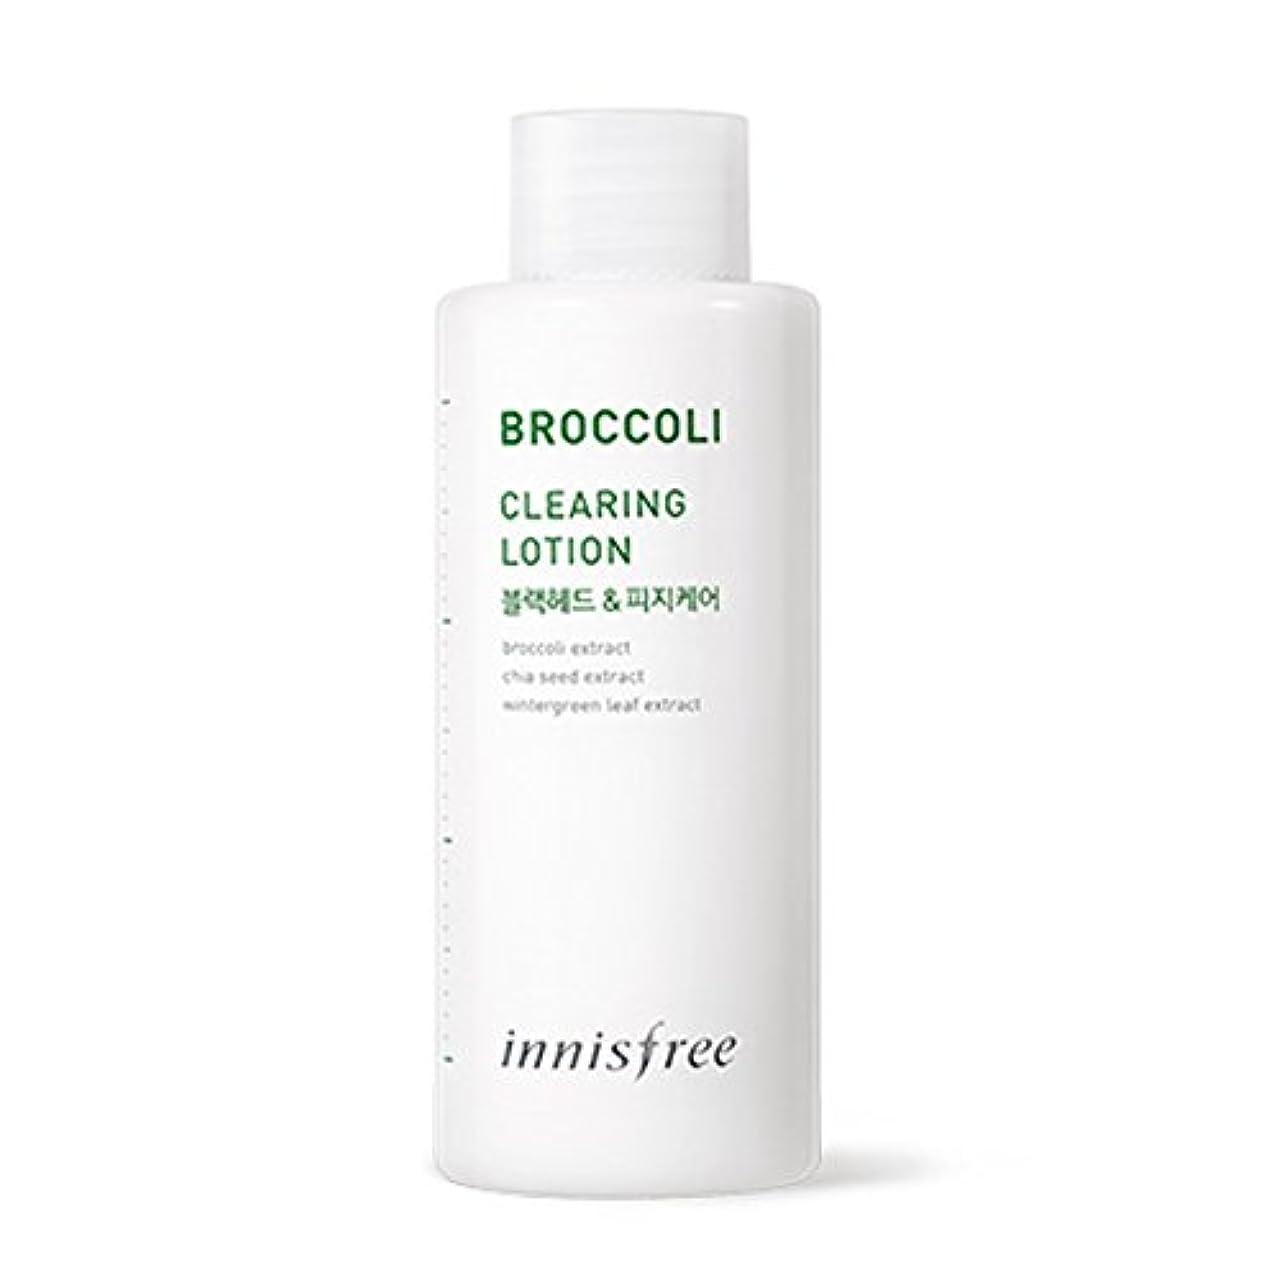 不規則性仲人求めるイニスフリーブロッコリークリアリングローション(エマルジョン)130ml Innisfree Broccoli Clearing Lotion(Emulsion) 130ml [海外直送品][並行輸入品]